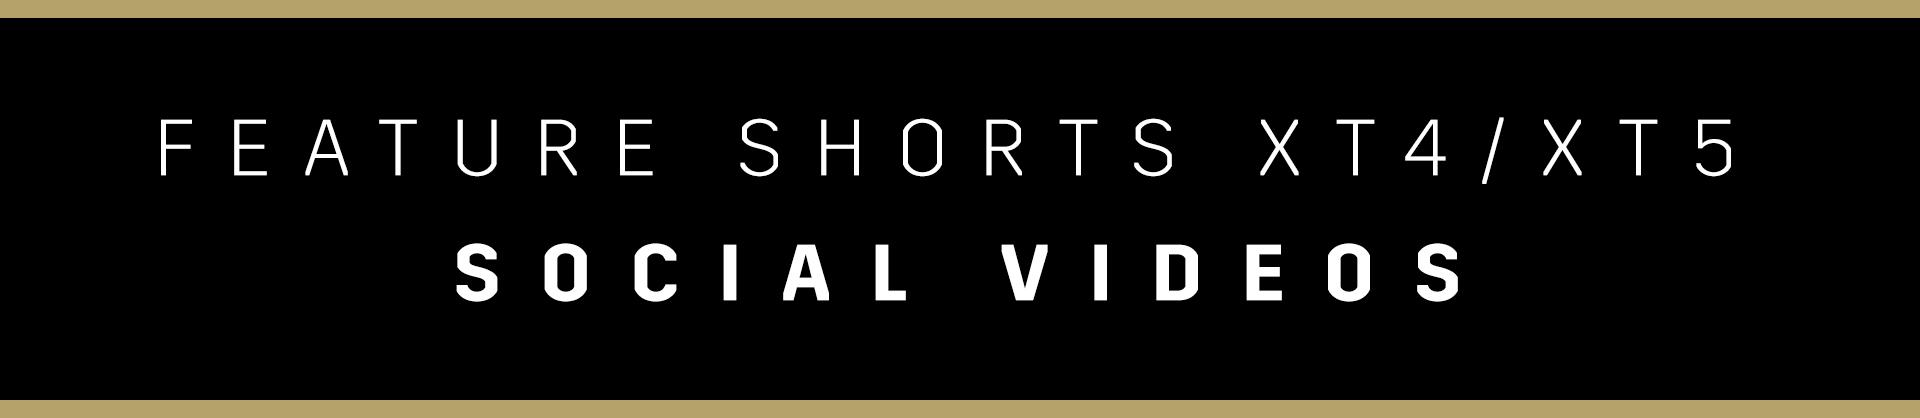 CADILLAC Cadillac Feature Shorts.jpg